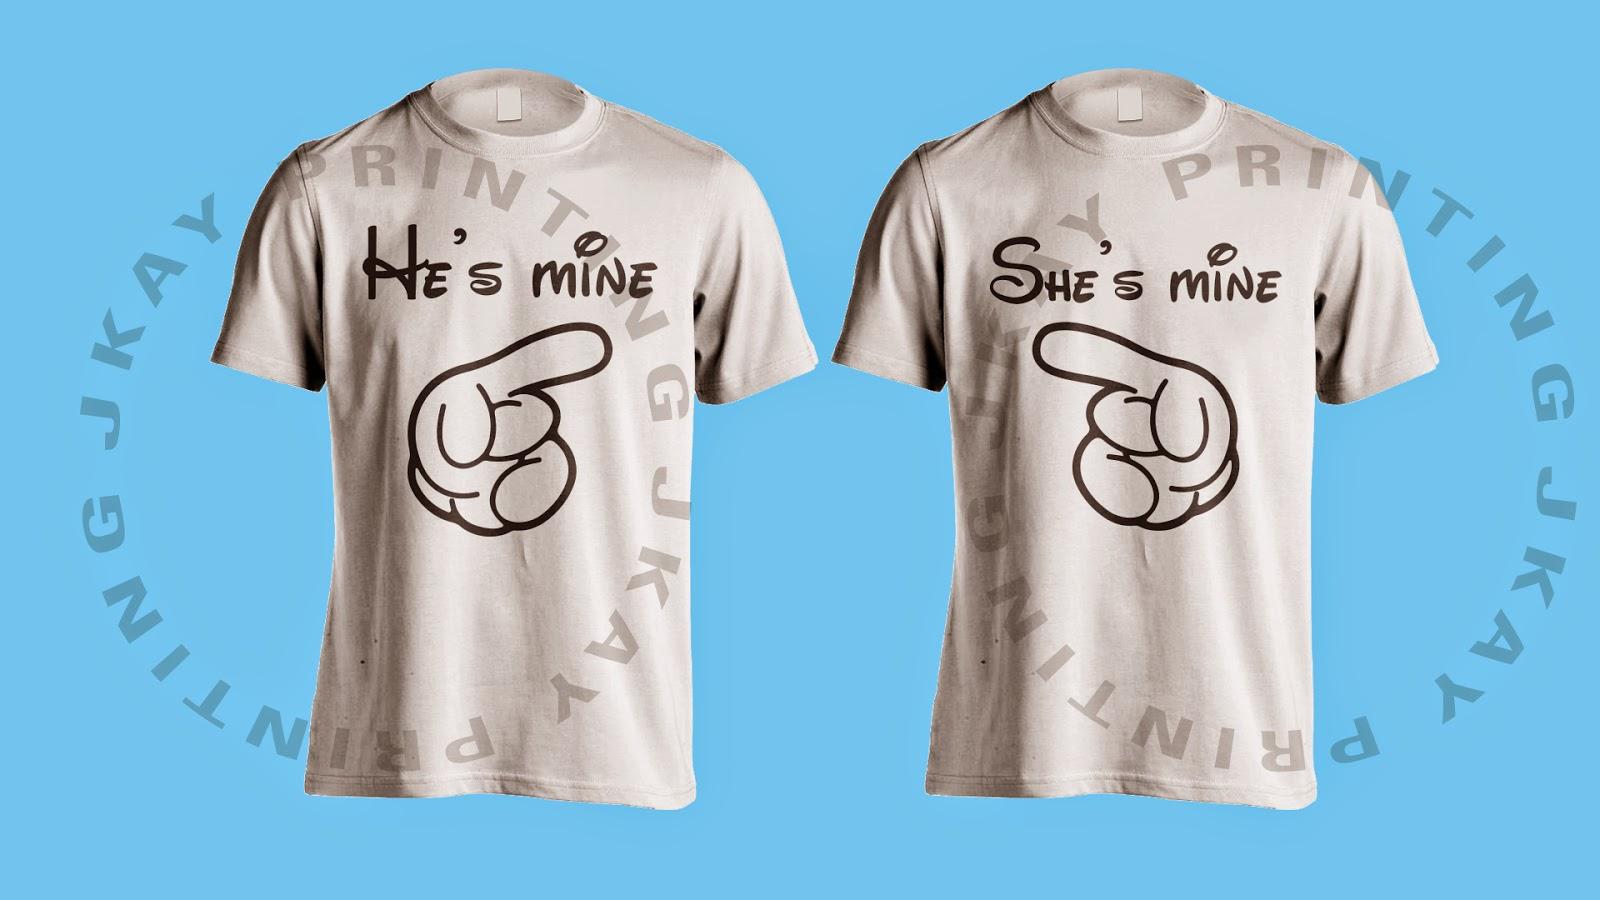 Anda Cari Tempat Cetak T Shirt Atau Baju Korporat? T shirt Rewang T shirt.. Jualan Borong dan Murah Baju Kurta dan Kemeja Modern Lelaki Hari Raya Haji (1) Hairon Nizam, Wed 1/Aug/ pm JUALAN BORONG HARGA SANGAT MURAHMURAH .